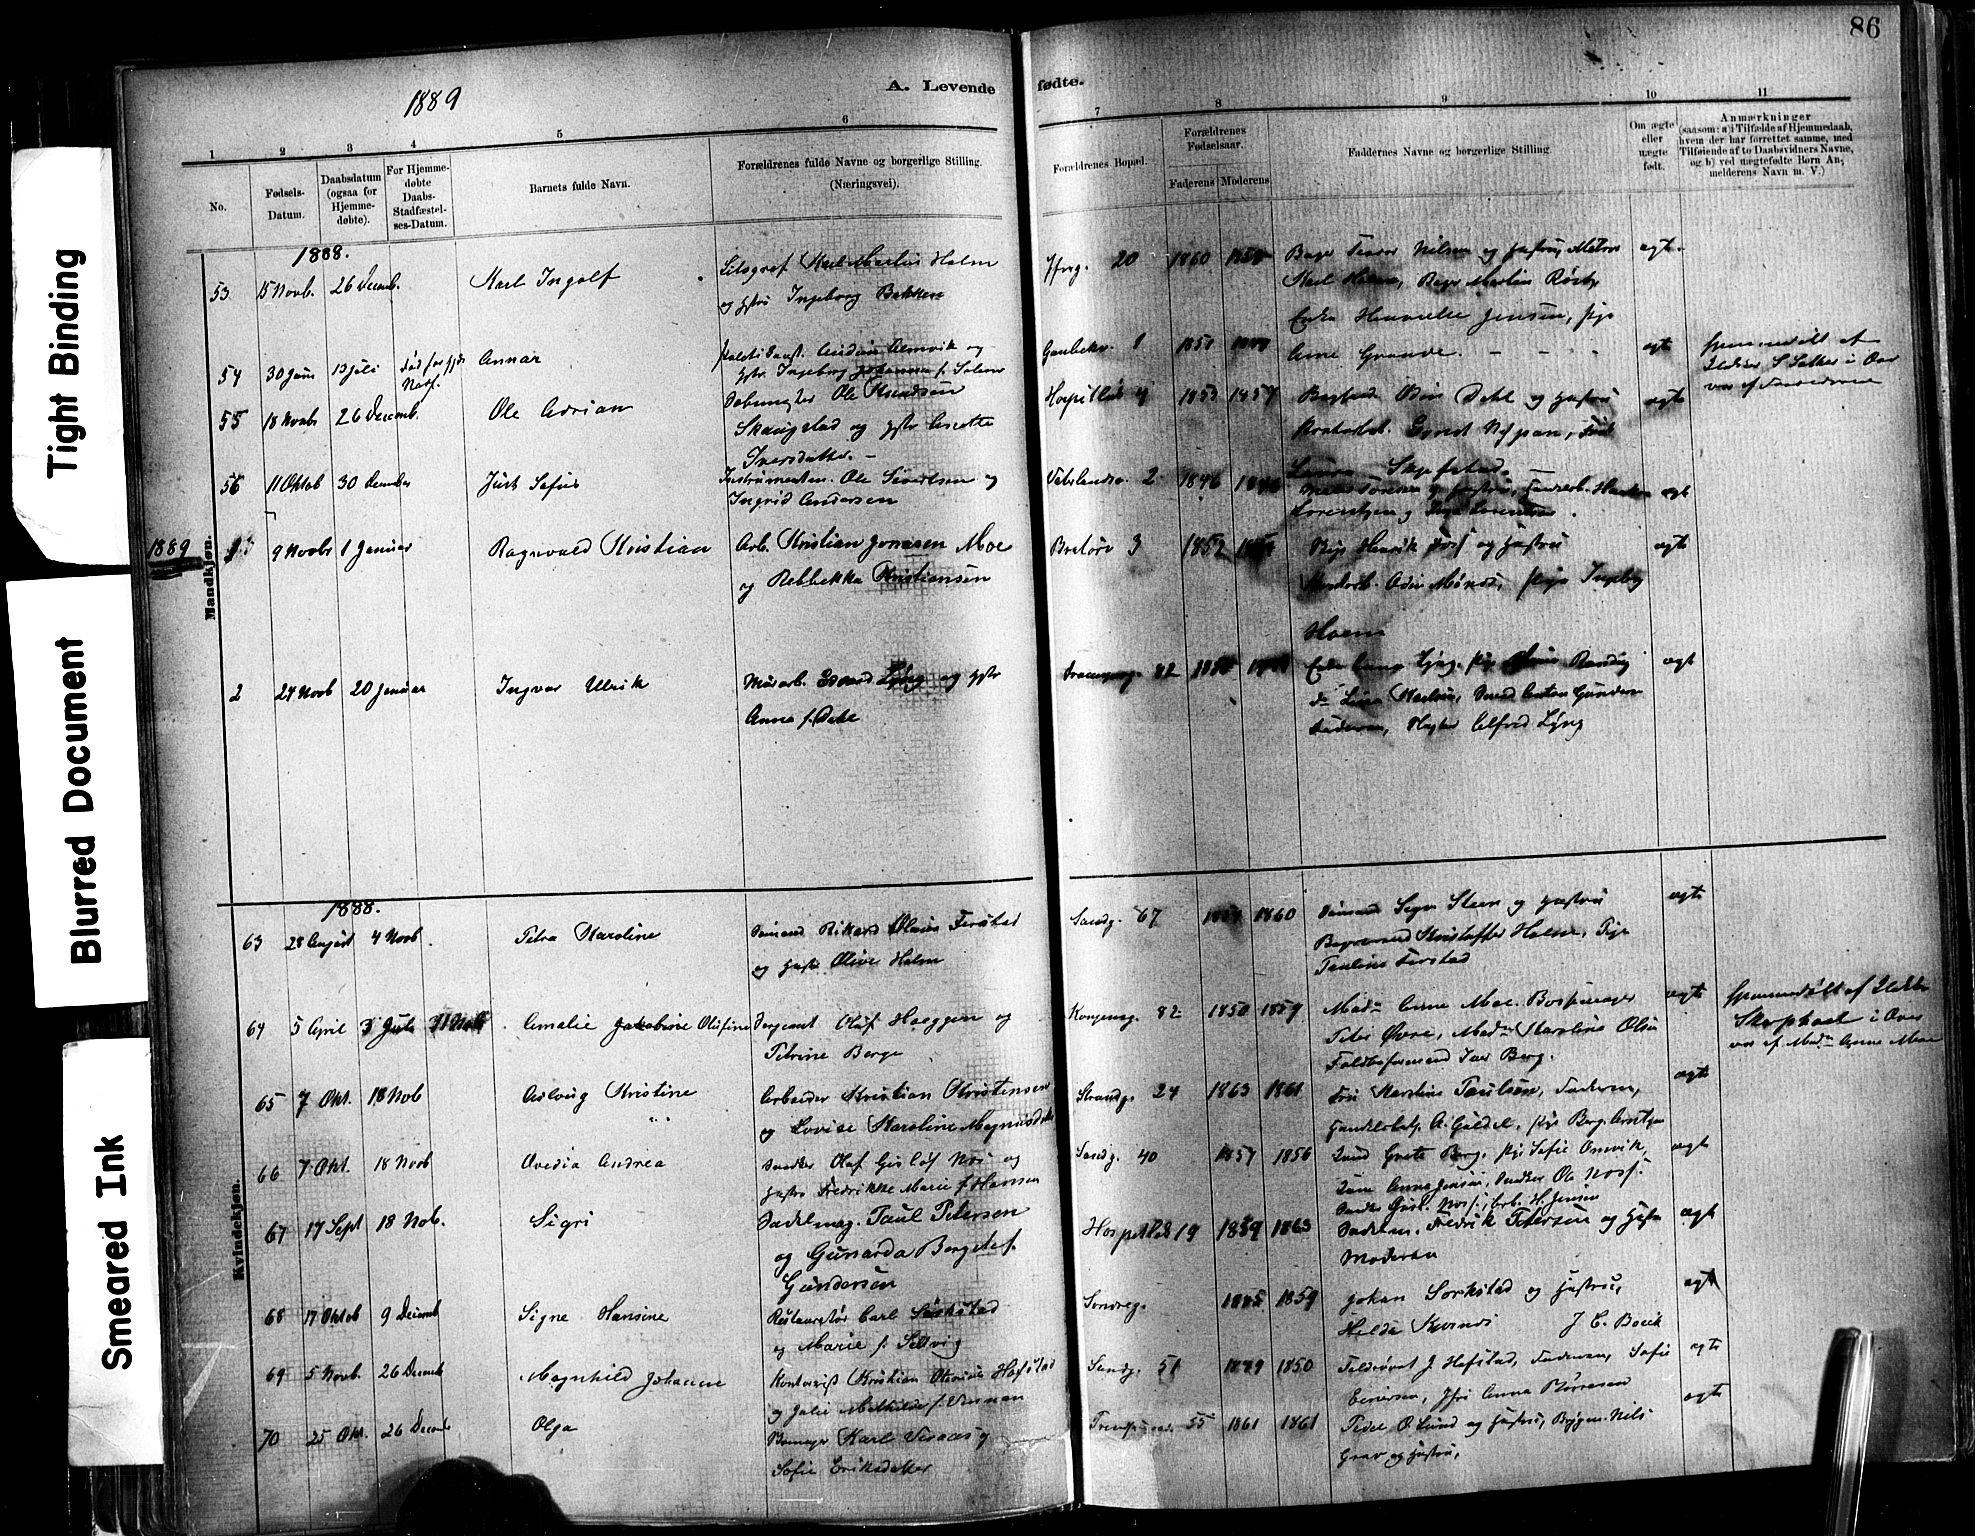 SAT, Ministerialprotokoller, klokkerbøker og fødselsregistre - Sør-Trøndelag, 602/L0119: Ministerialbok nr. 602A17, 1880-1901, s. 86